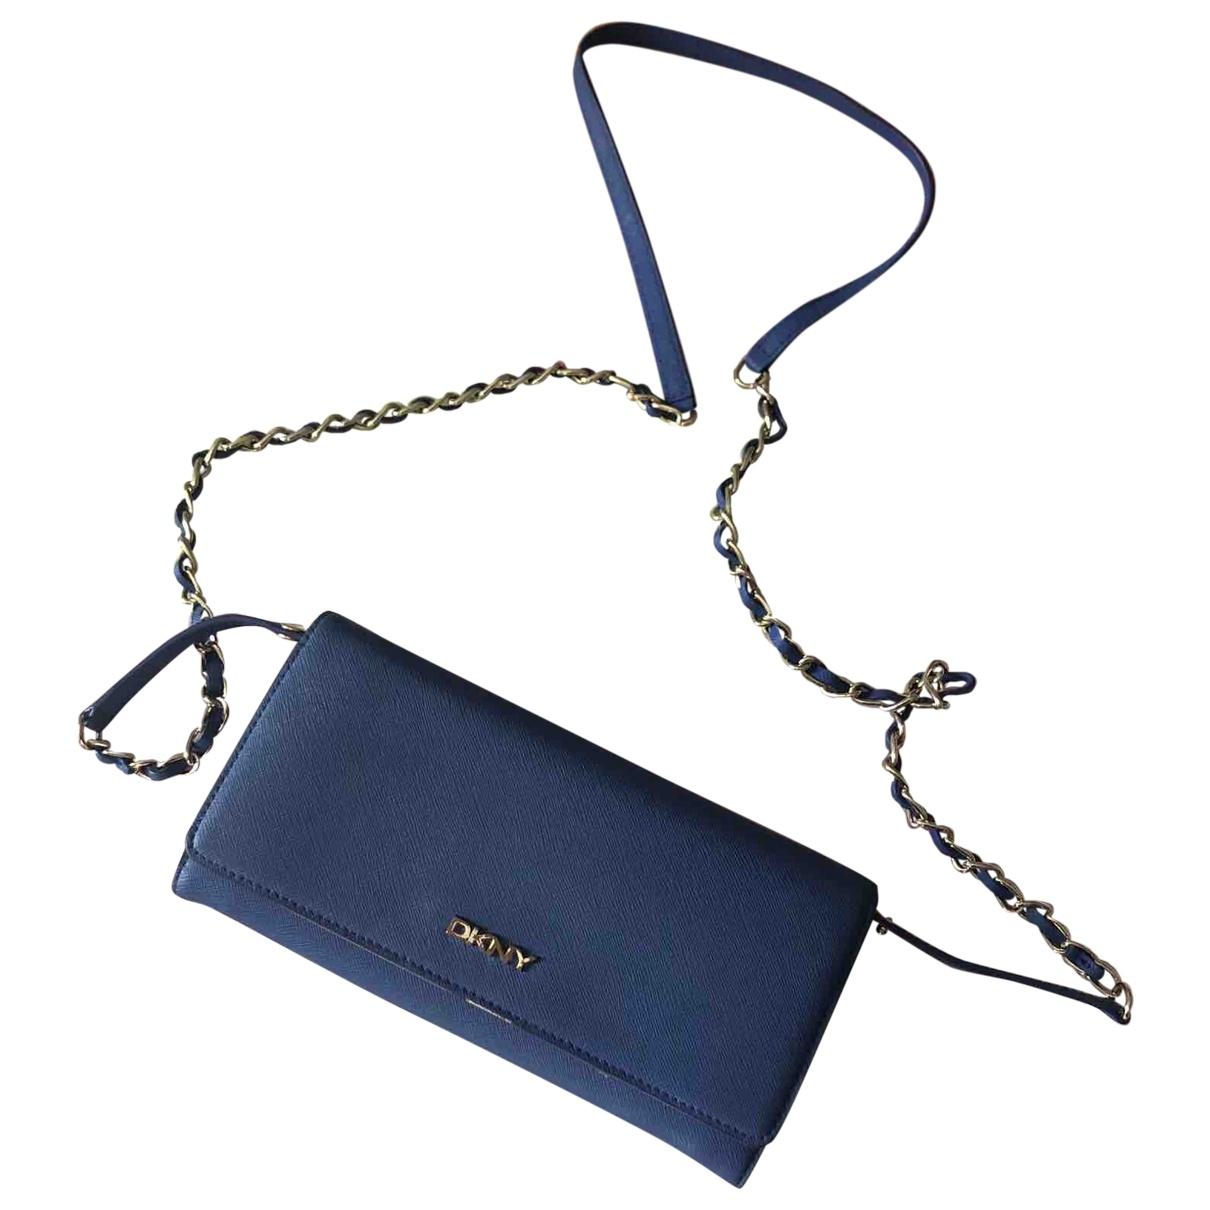 Dkny - Pochette   pour femme en cuir - bleu